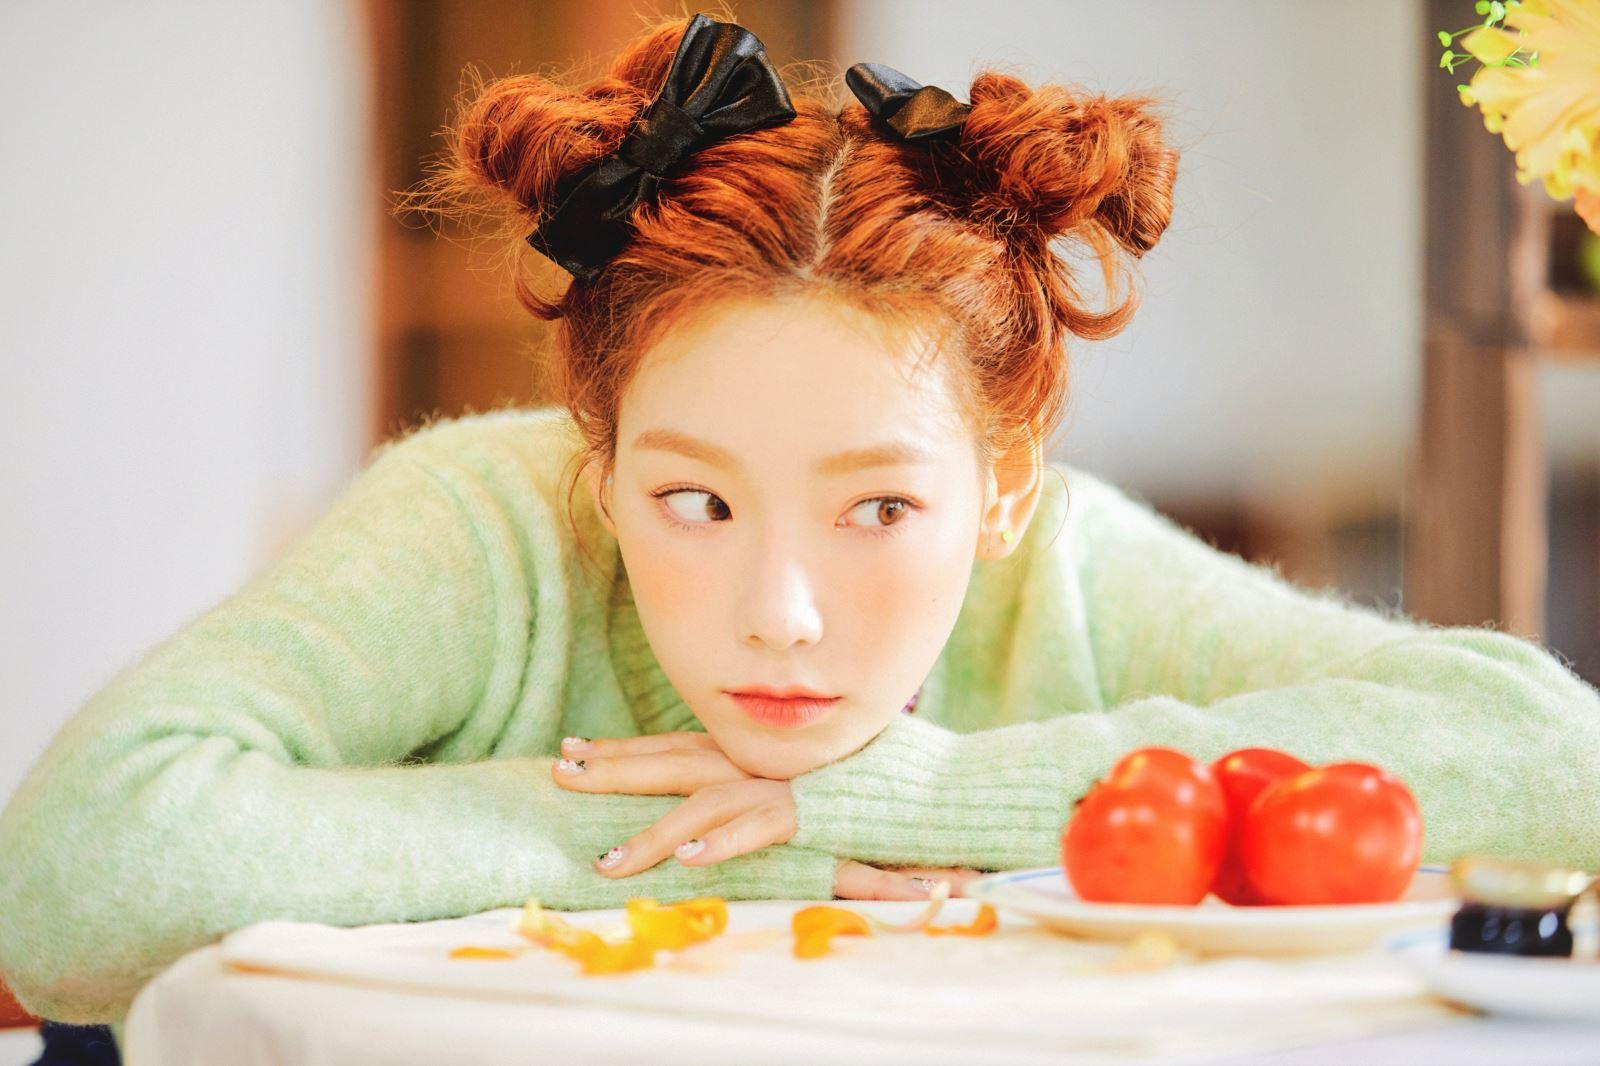 Taeyeon (SNSD), đĩa đơn HAPPY của Taeyeon, SNSD, bố Taeyeon qua đời